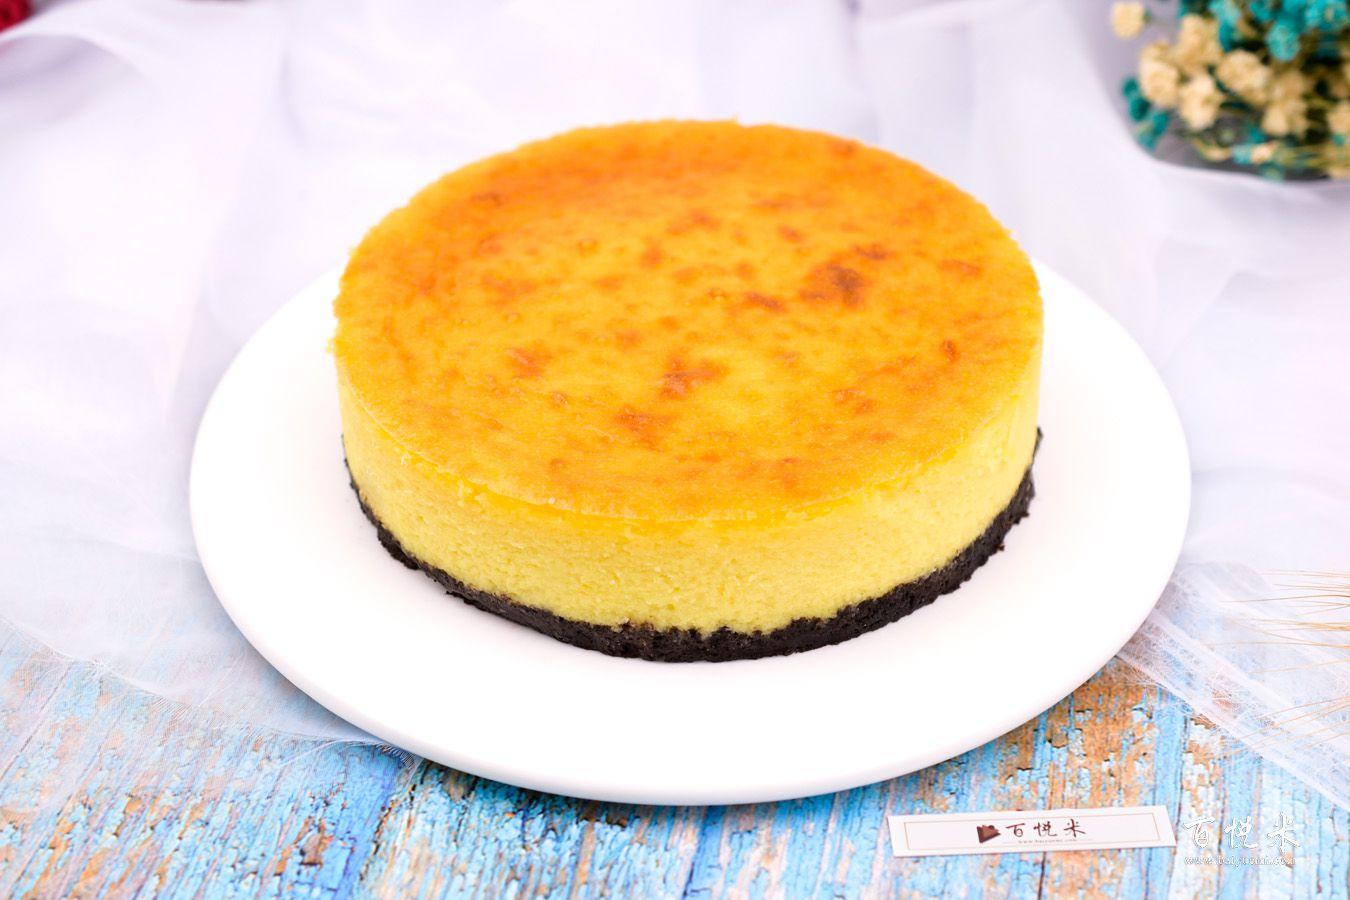 榴莲奶酪蛋糕的做法大全,榴莲奶酪蛋糕培训怎么做